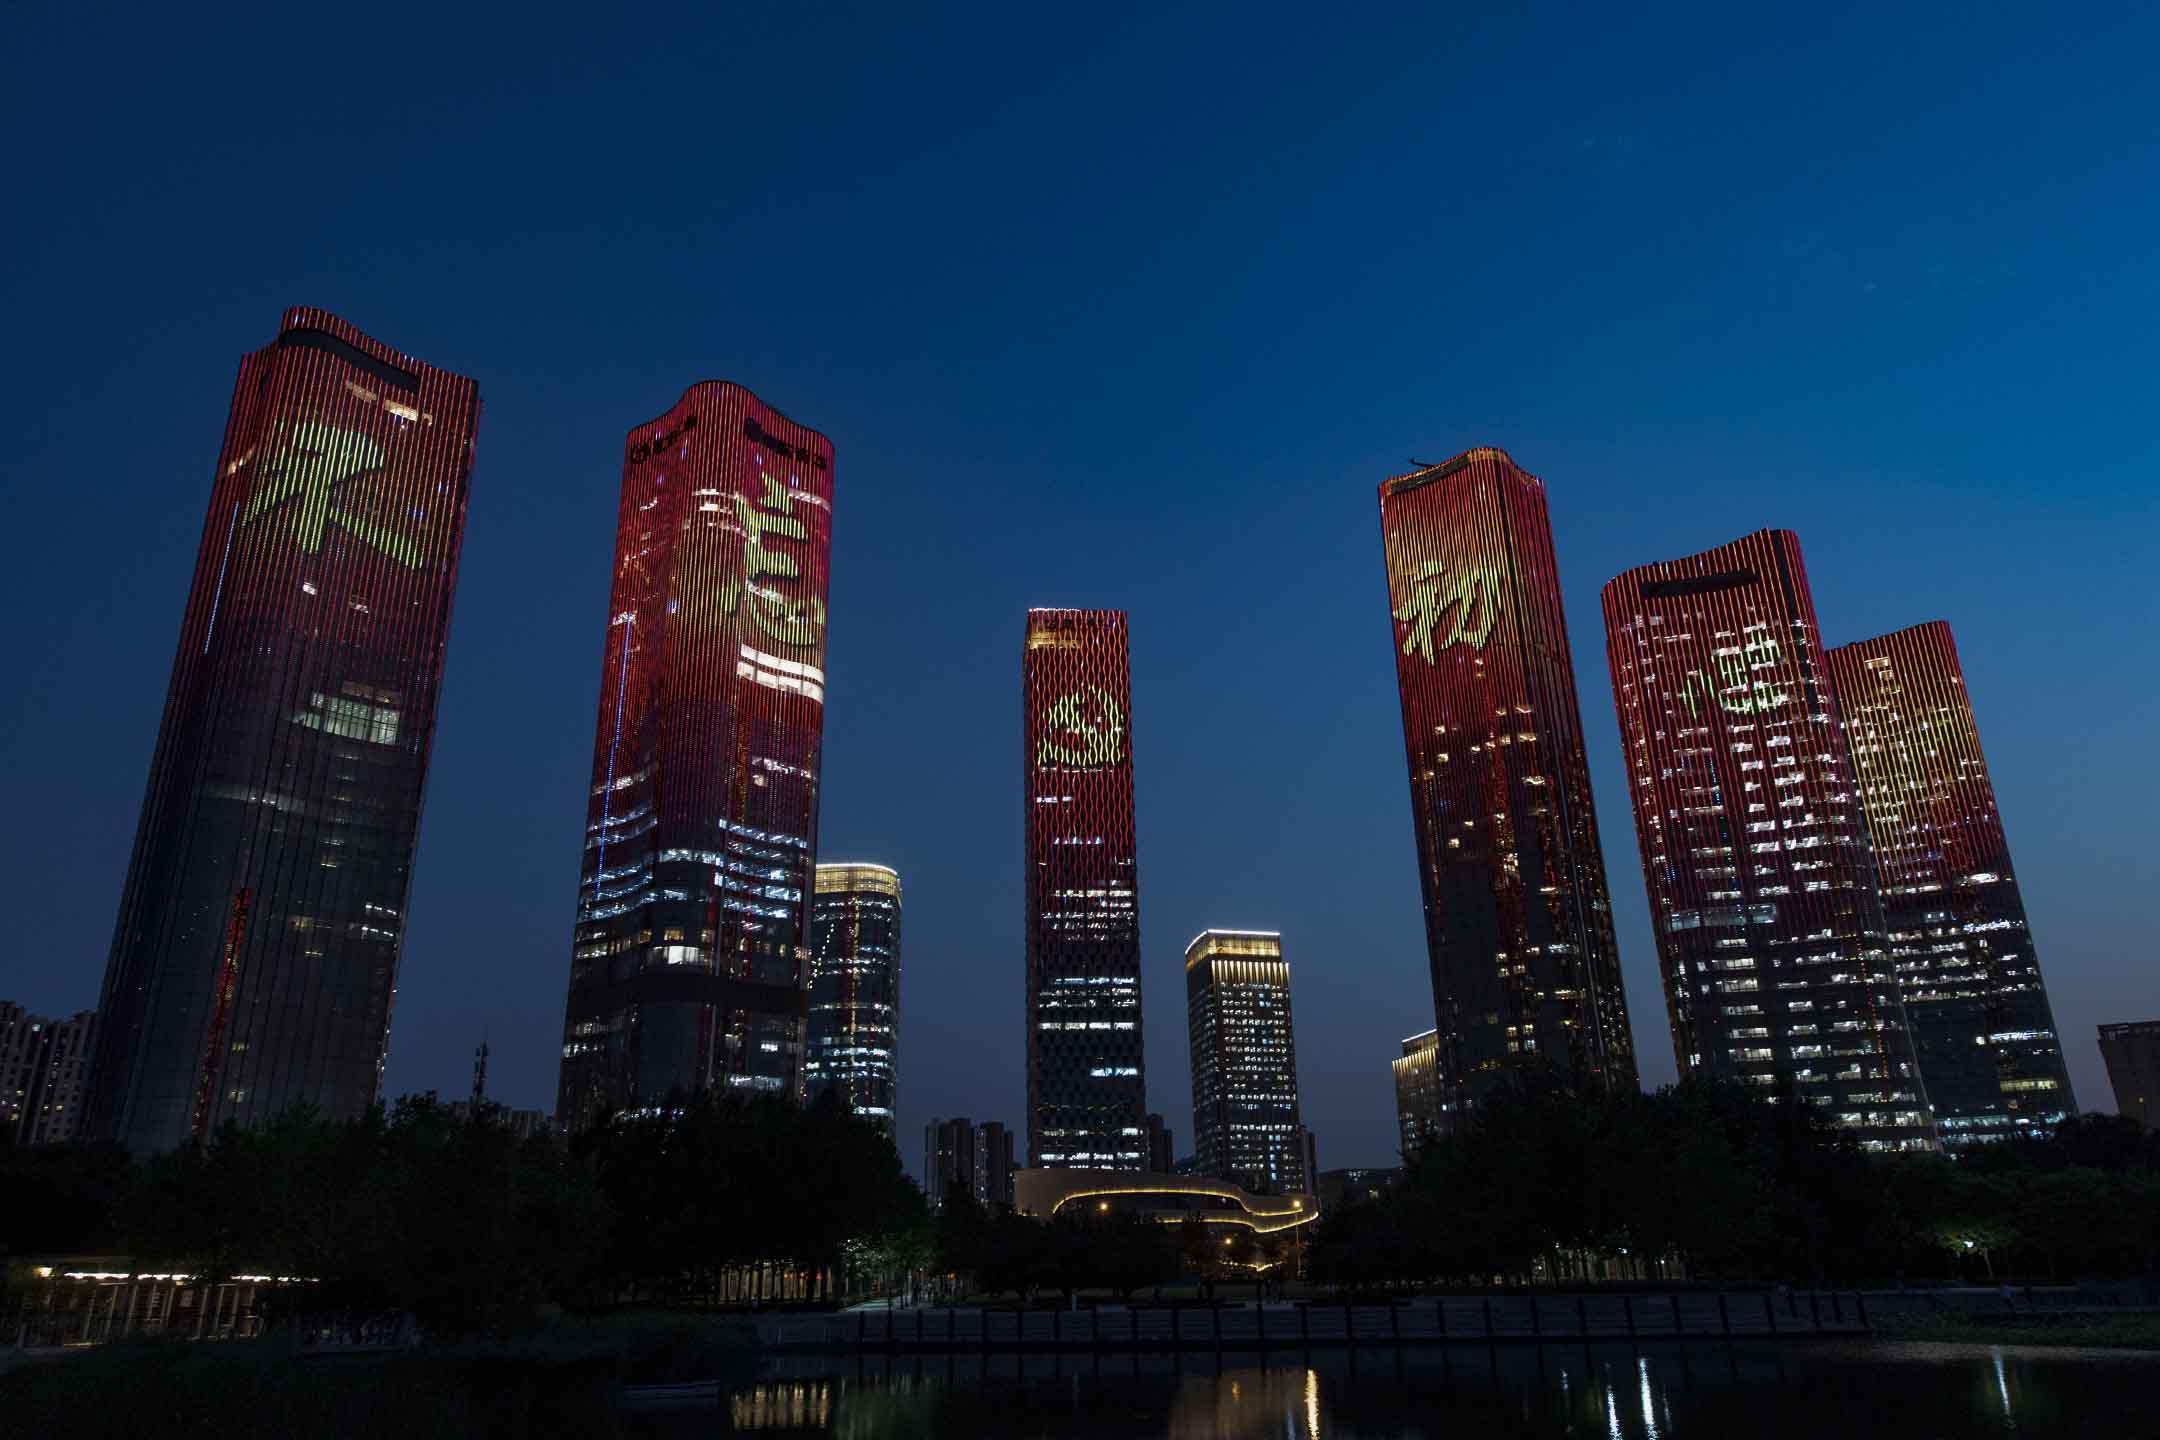 2021年6月21日中國北京,大廈外點亮慶祝中國共產黨成立的裝飾。